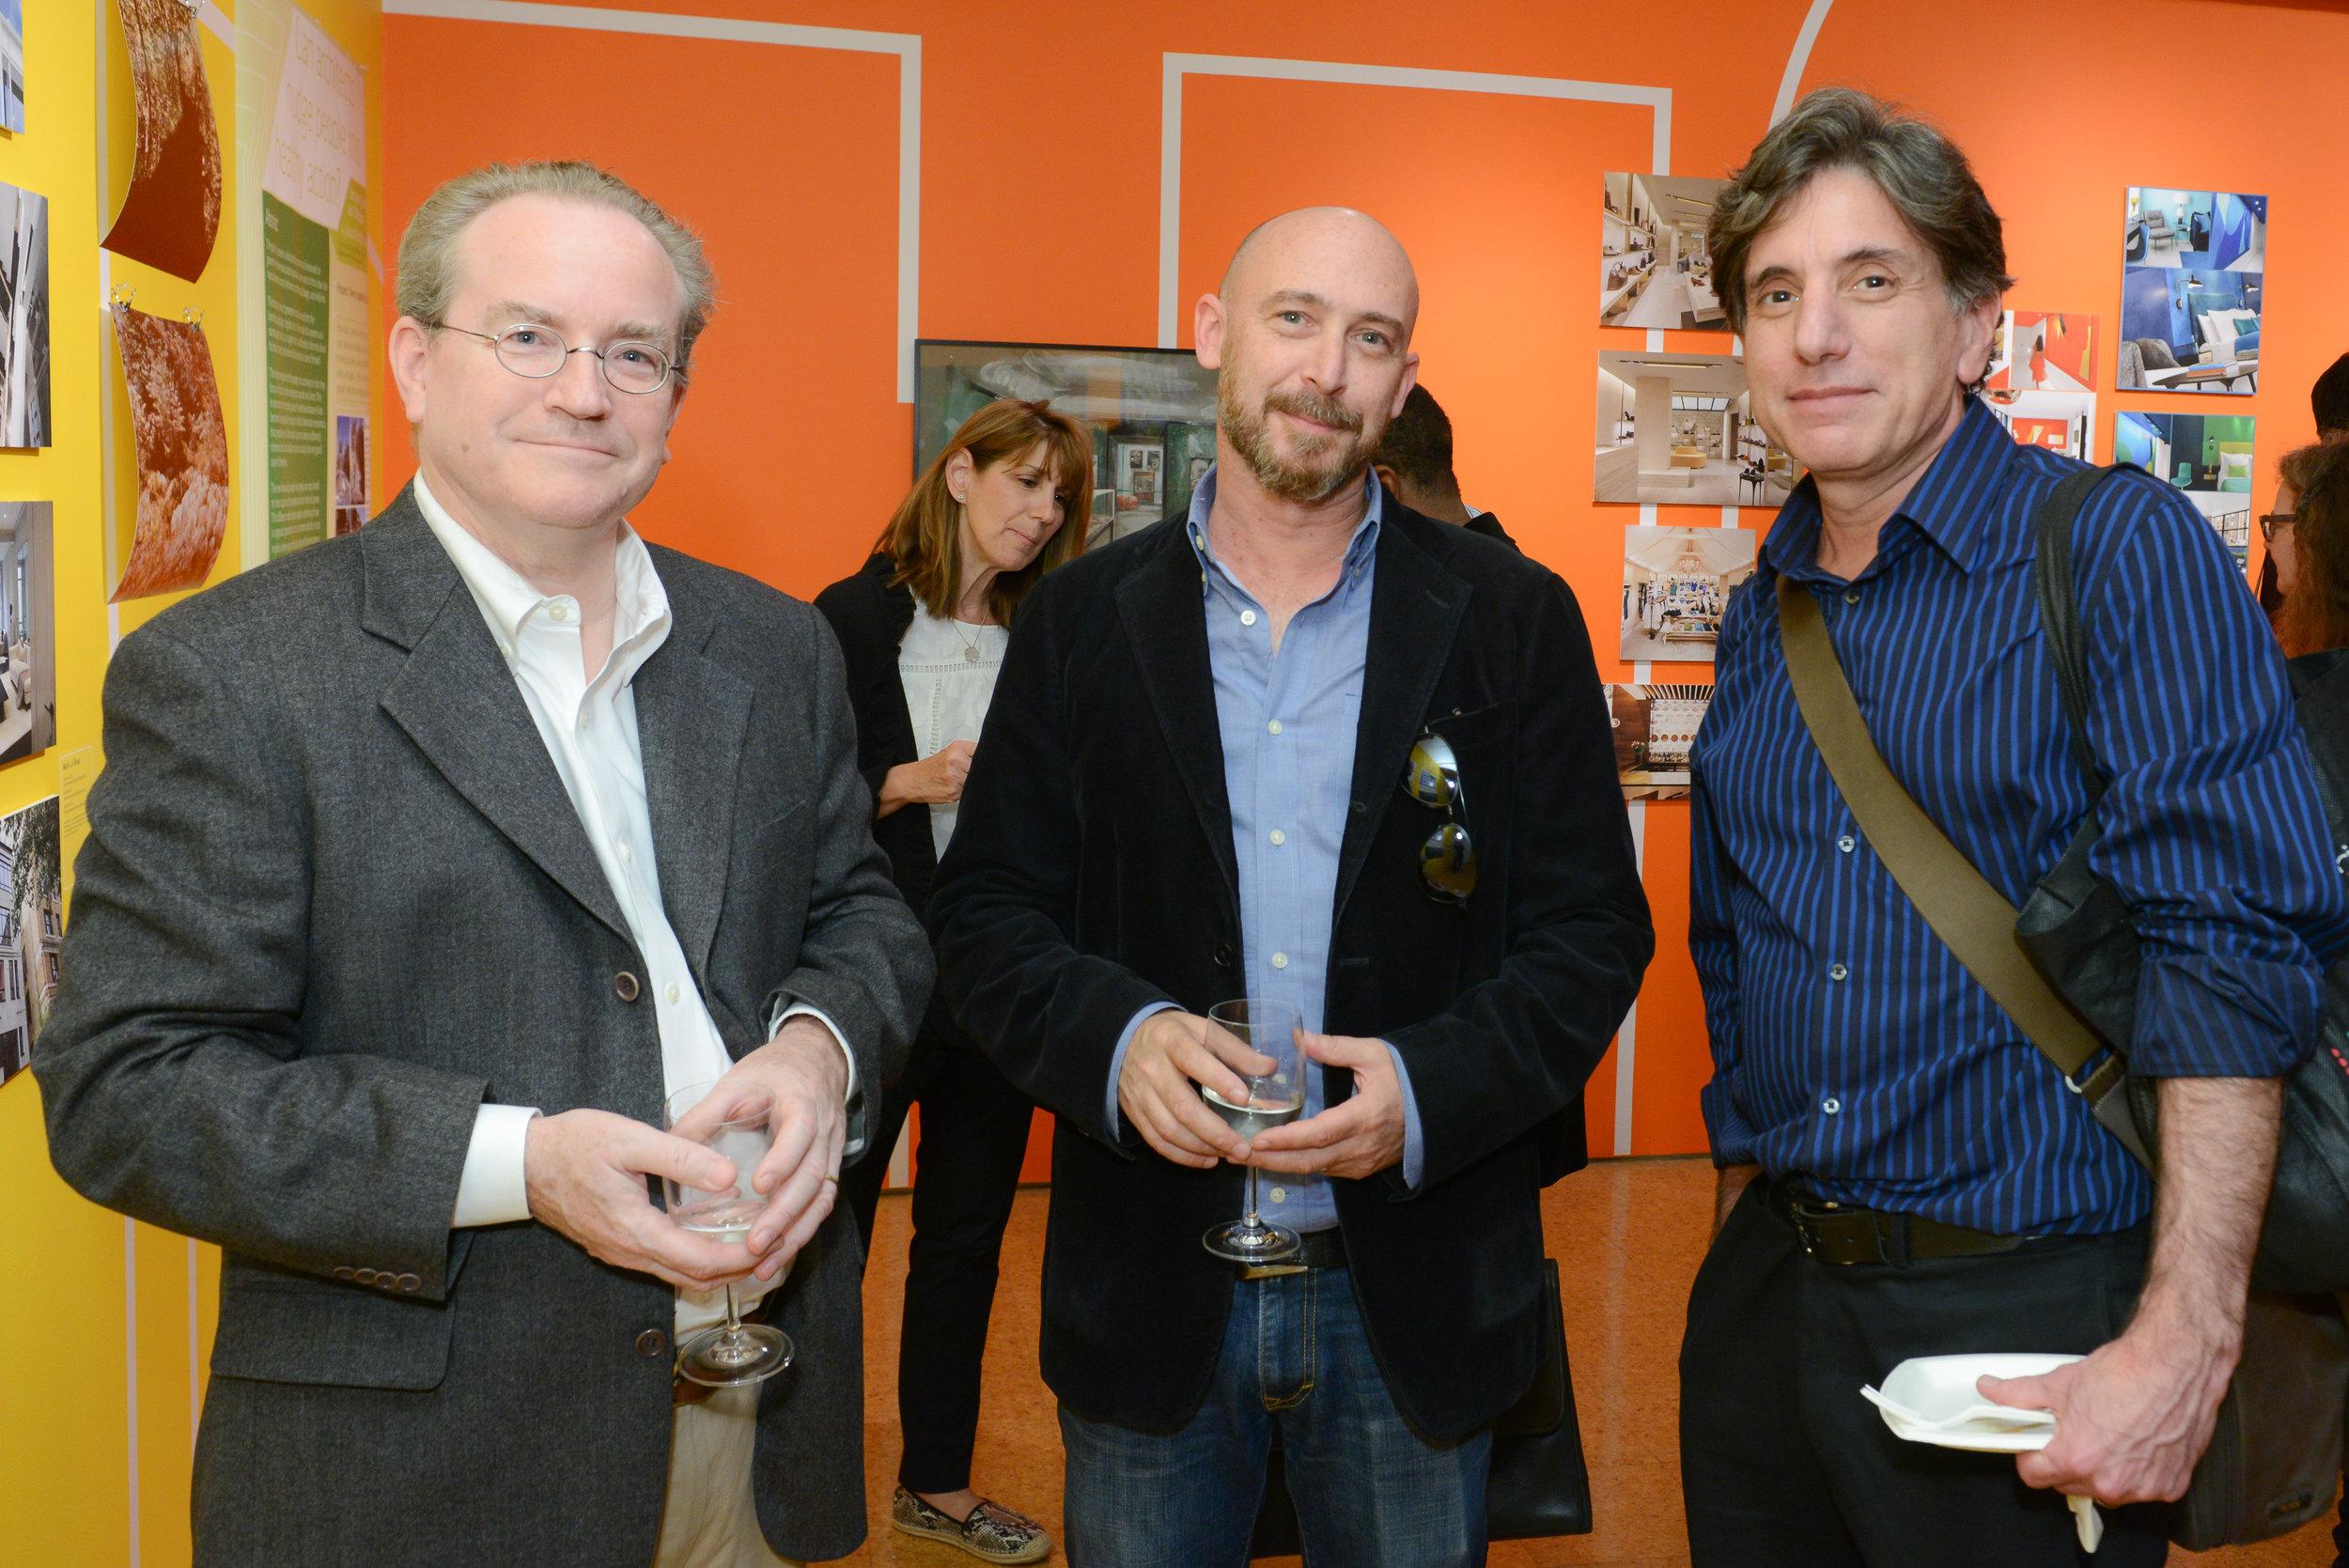 creative-scholarship-a-nysid-faculty-exhibition_36845153023_o[1].jpg